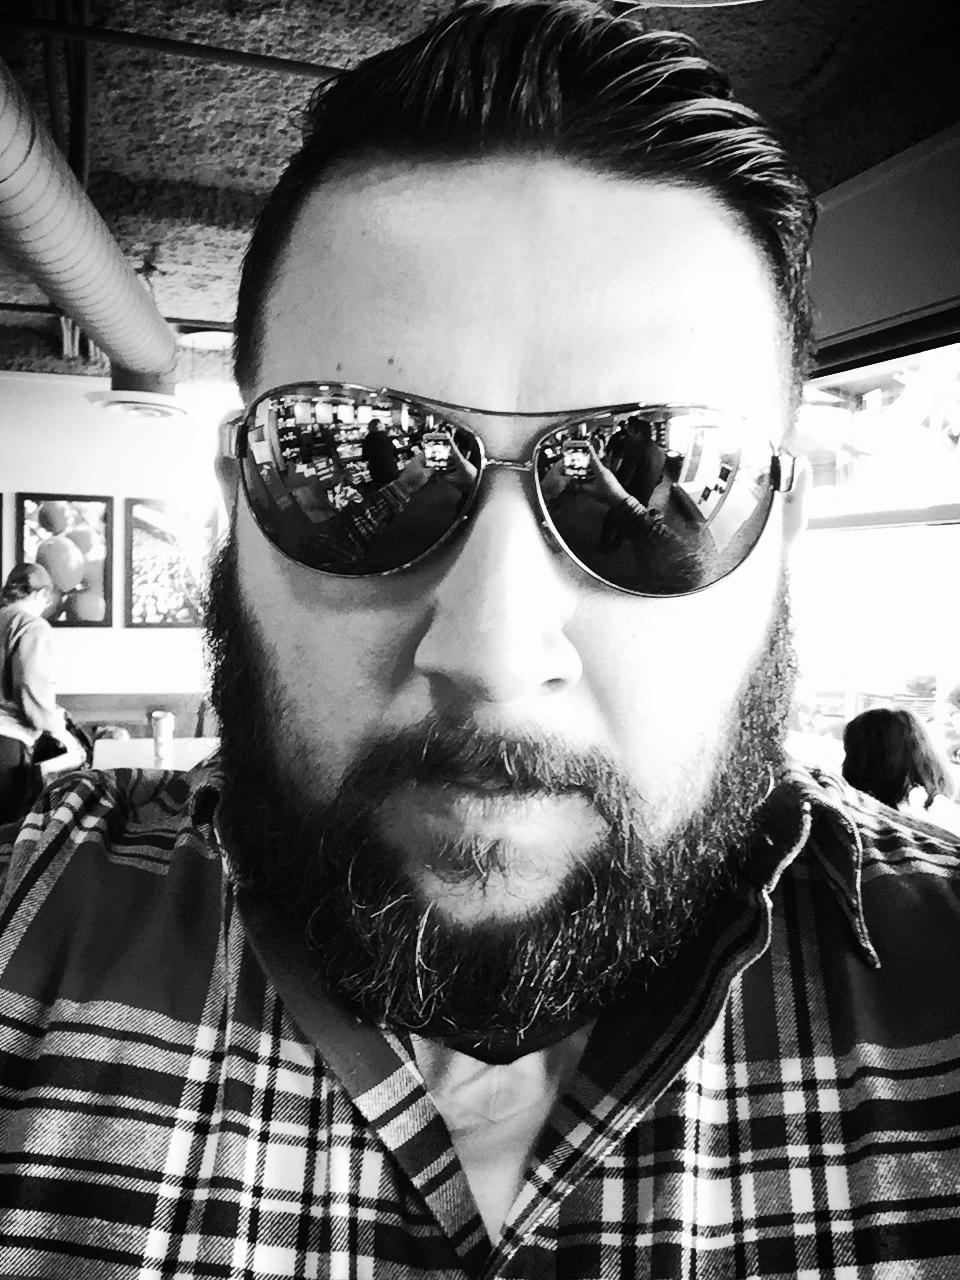 wilfredo-beard.jpg